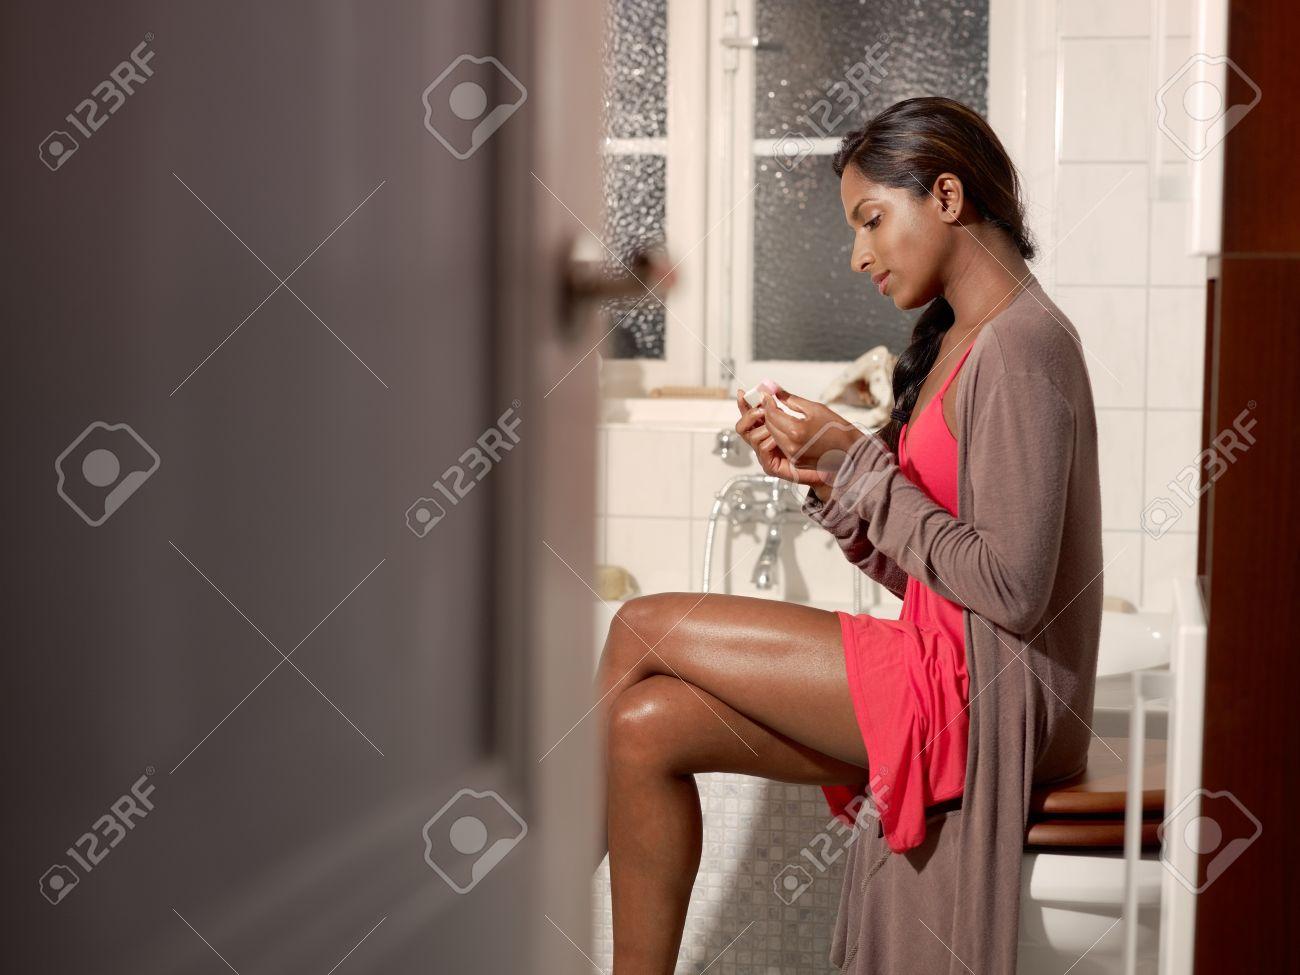 happy young woman mit schwangerschaftstest im badezimmer, Badezimmer ideen